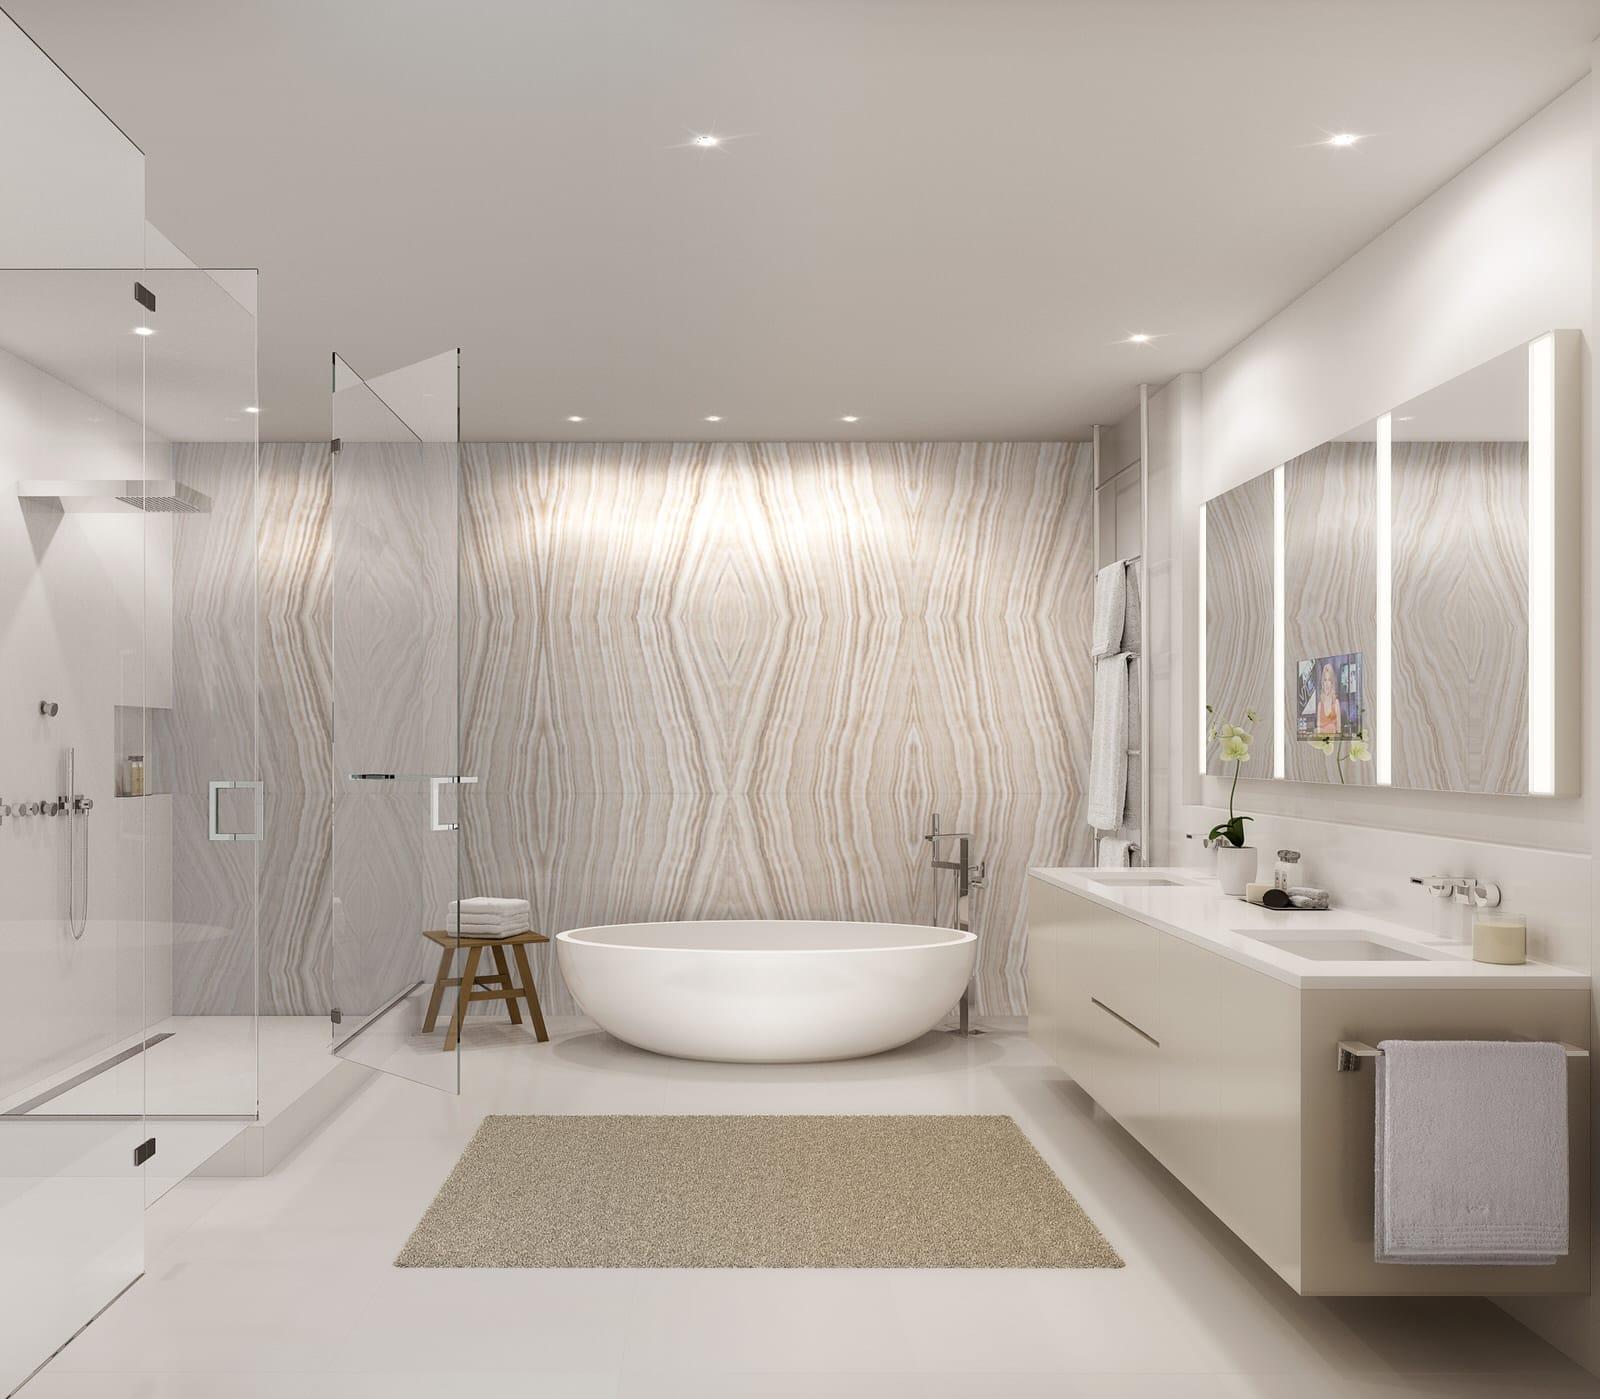 Waiea Master Bathroom